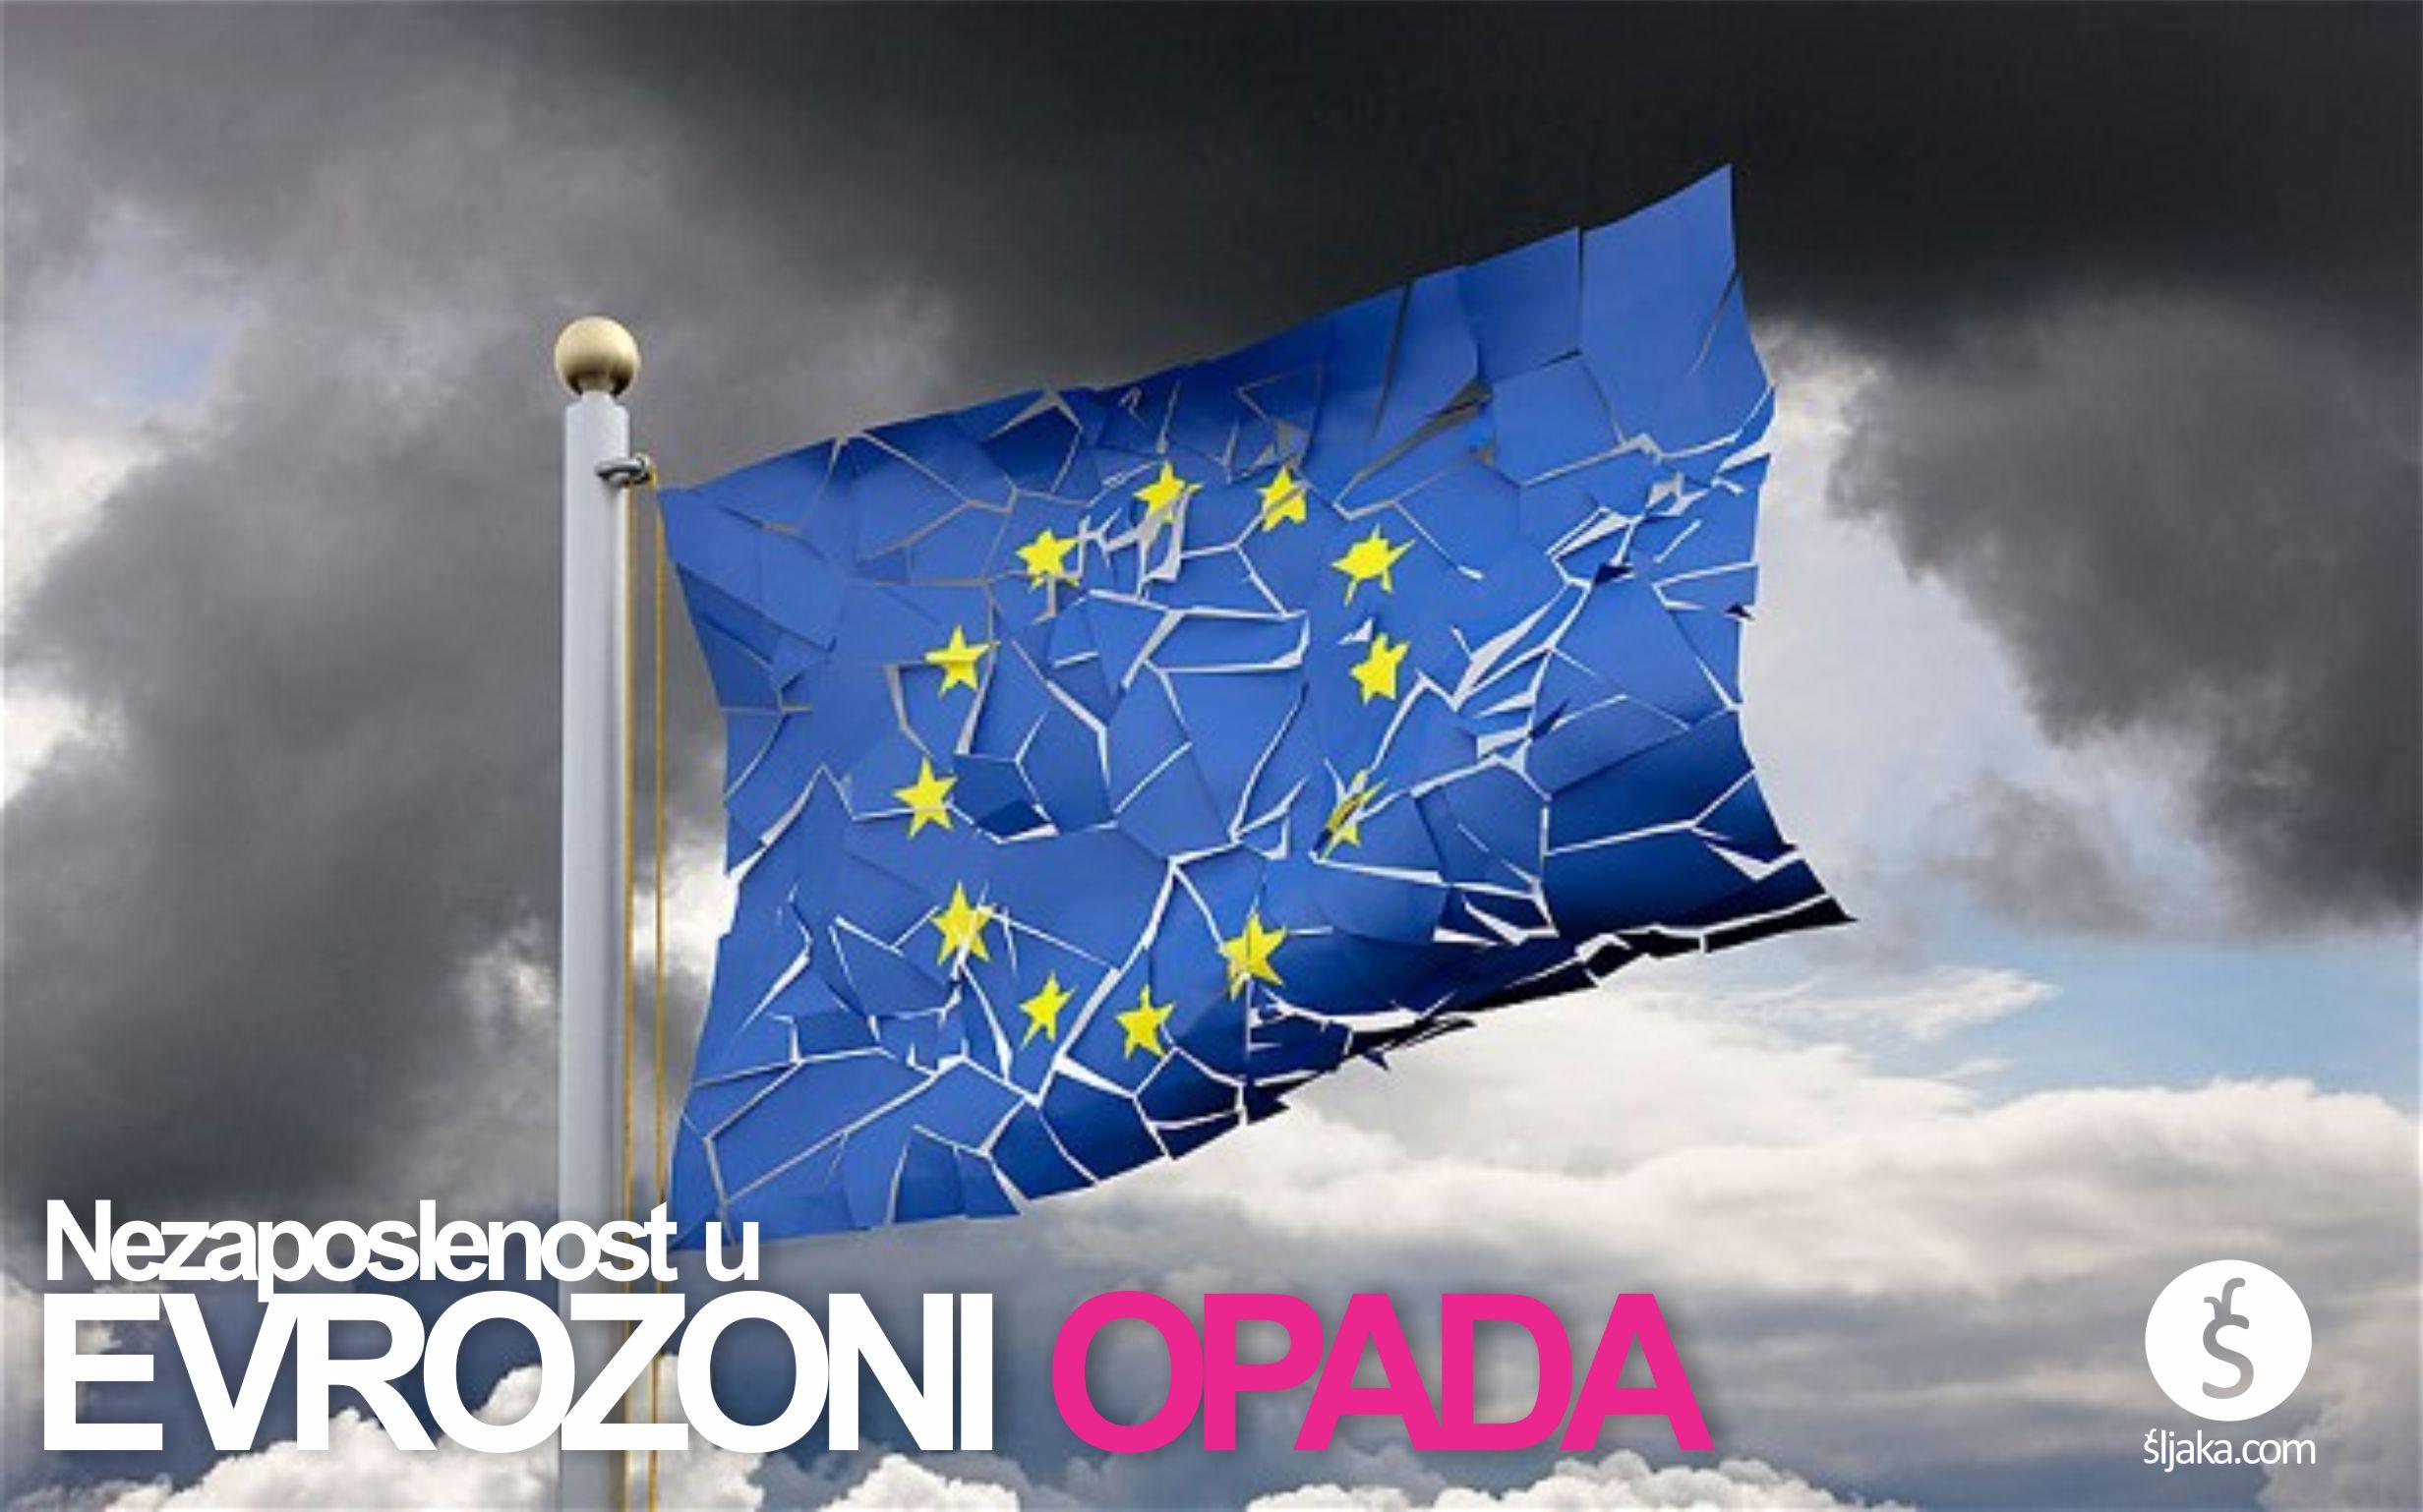 Opada nezaposlenost u Evrozoni